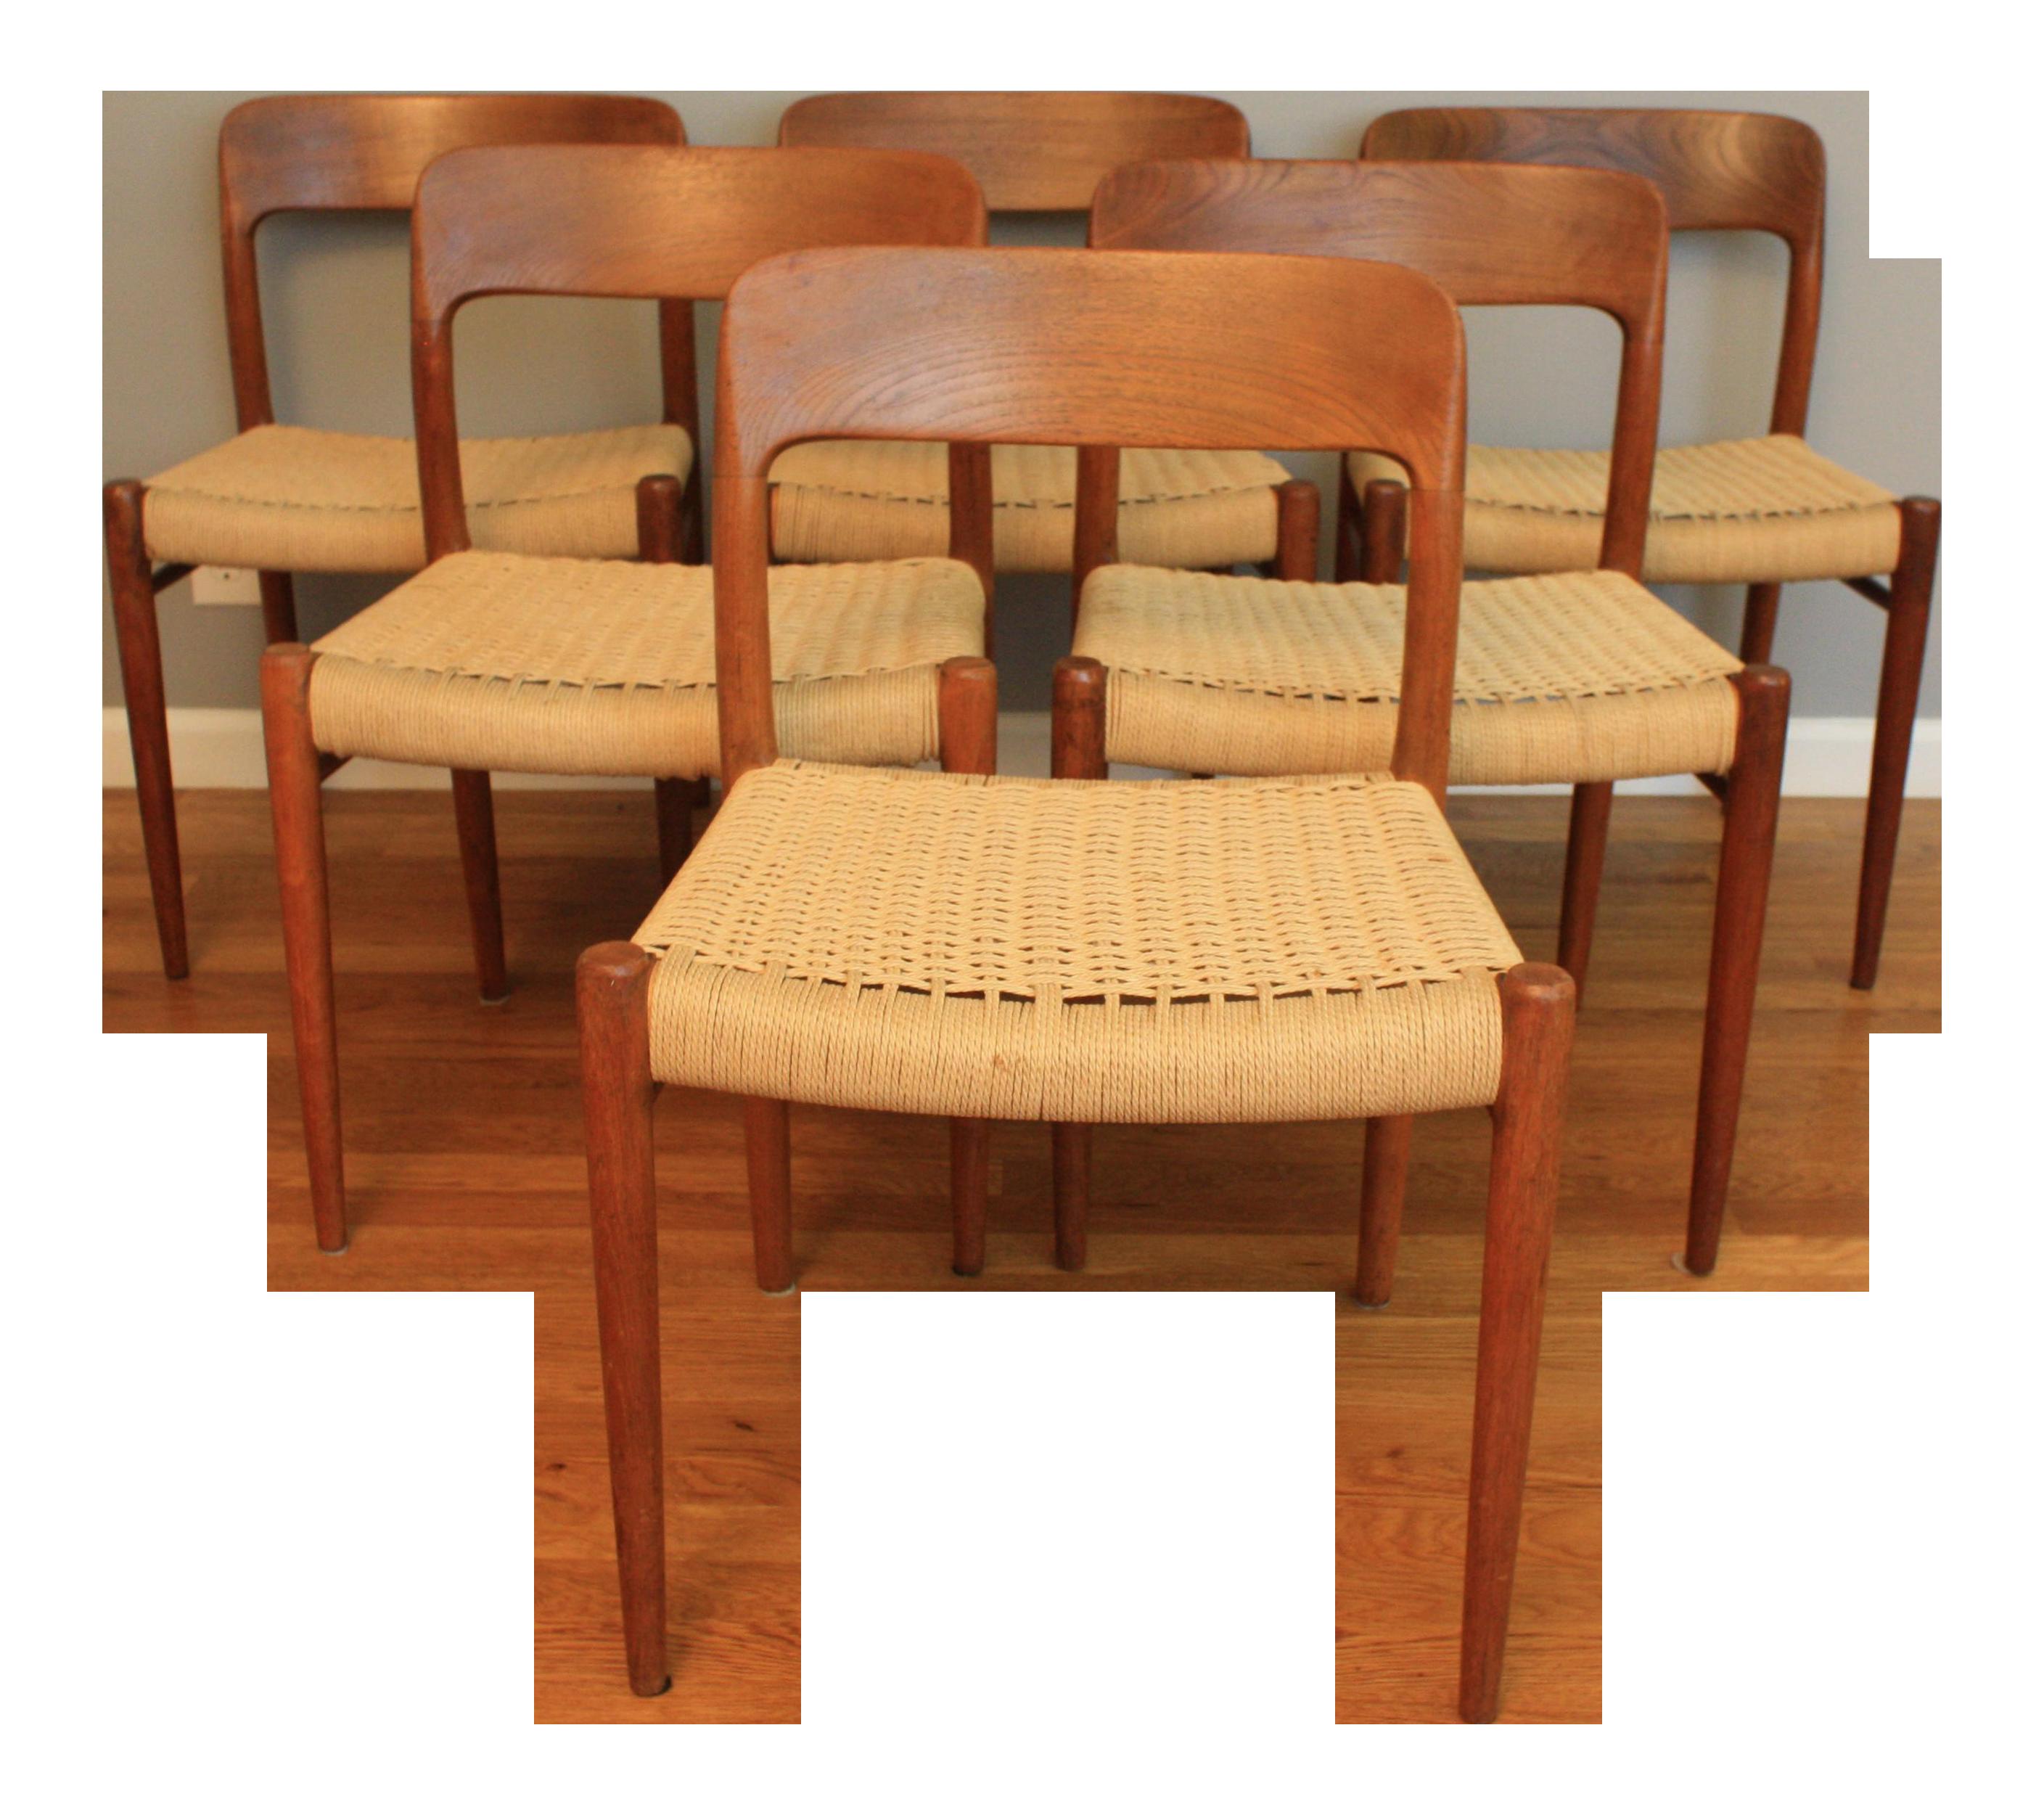 Beau Niels Moller #75 Teak Chairs   Set Of 6